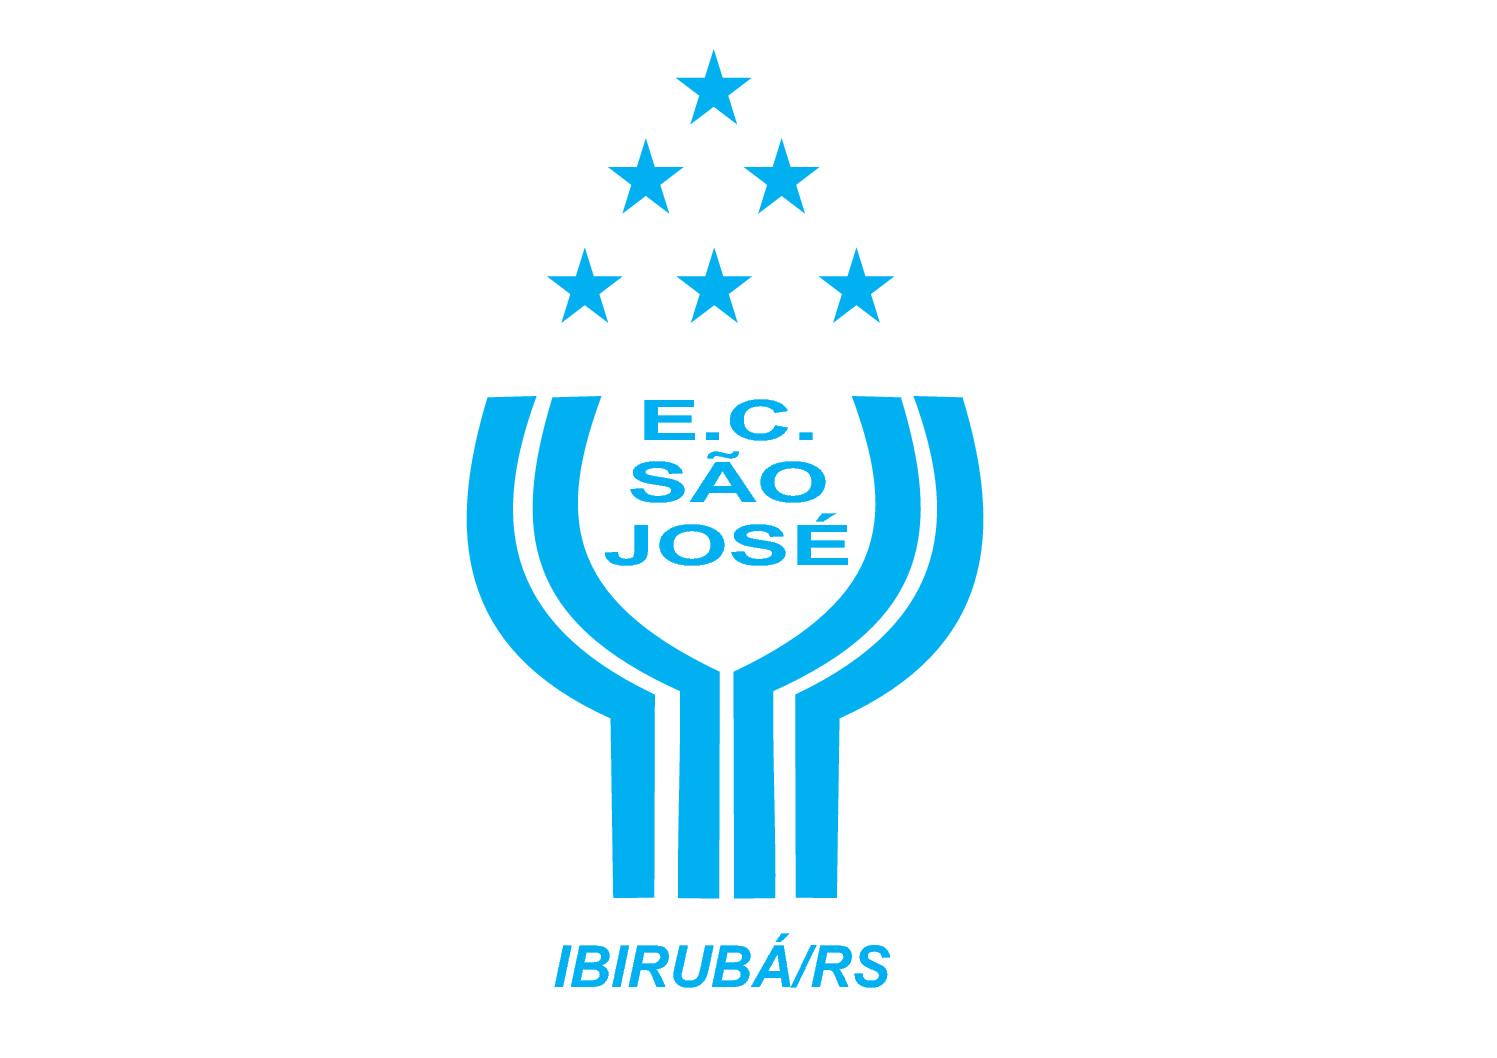 CAMISETAS PARA SOBERANAS DO ESPORTE CLUBE SÃO JOSÉ DE IBIRUBÁ/RS.